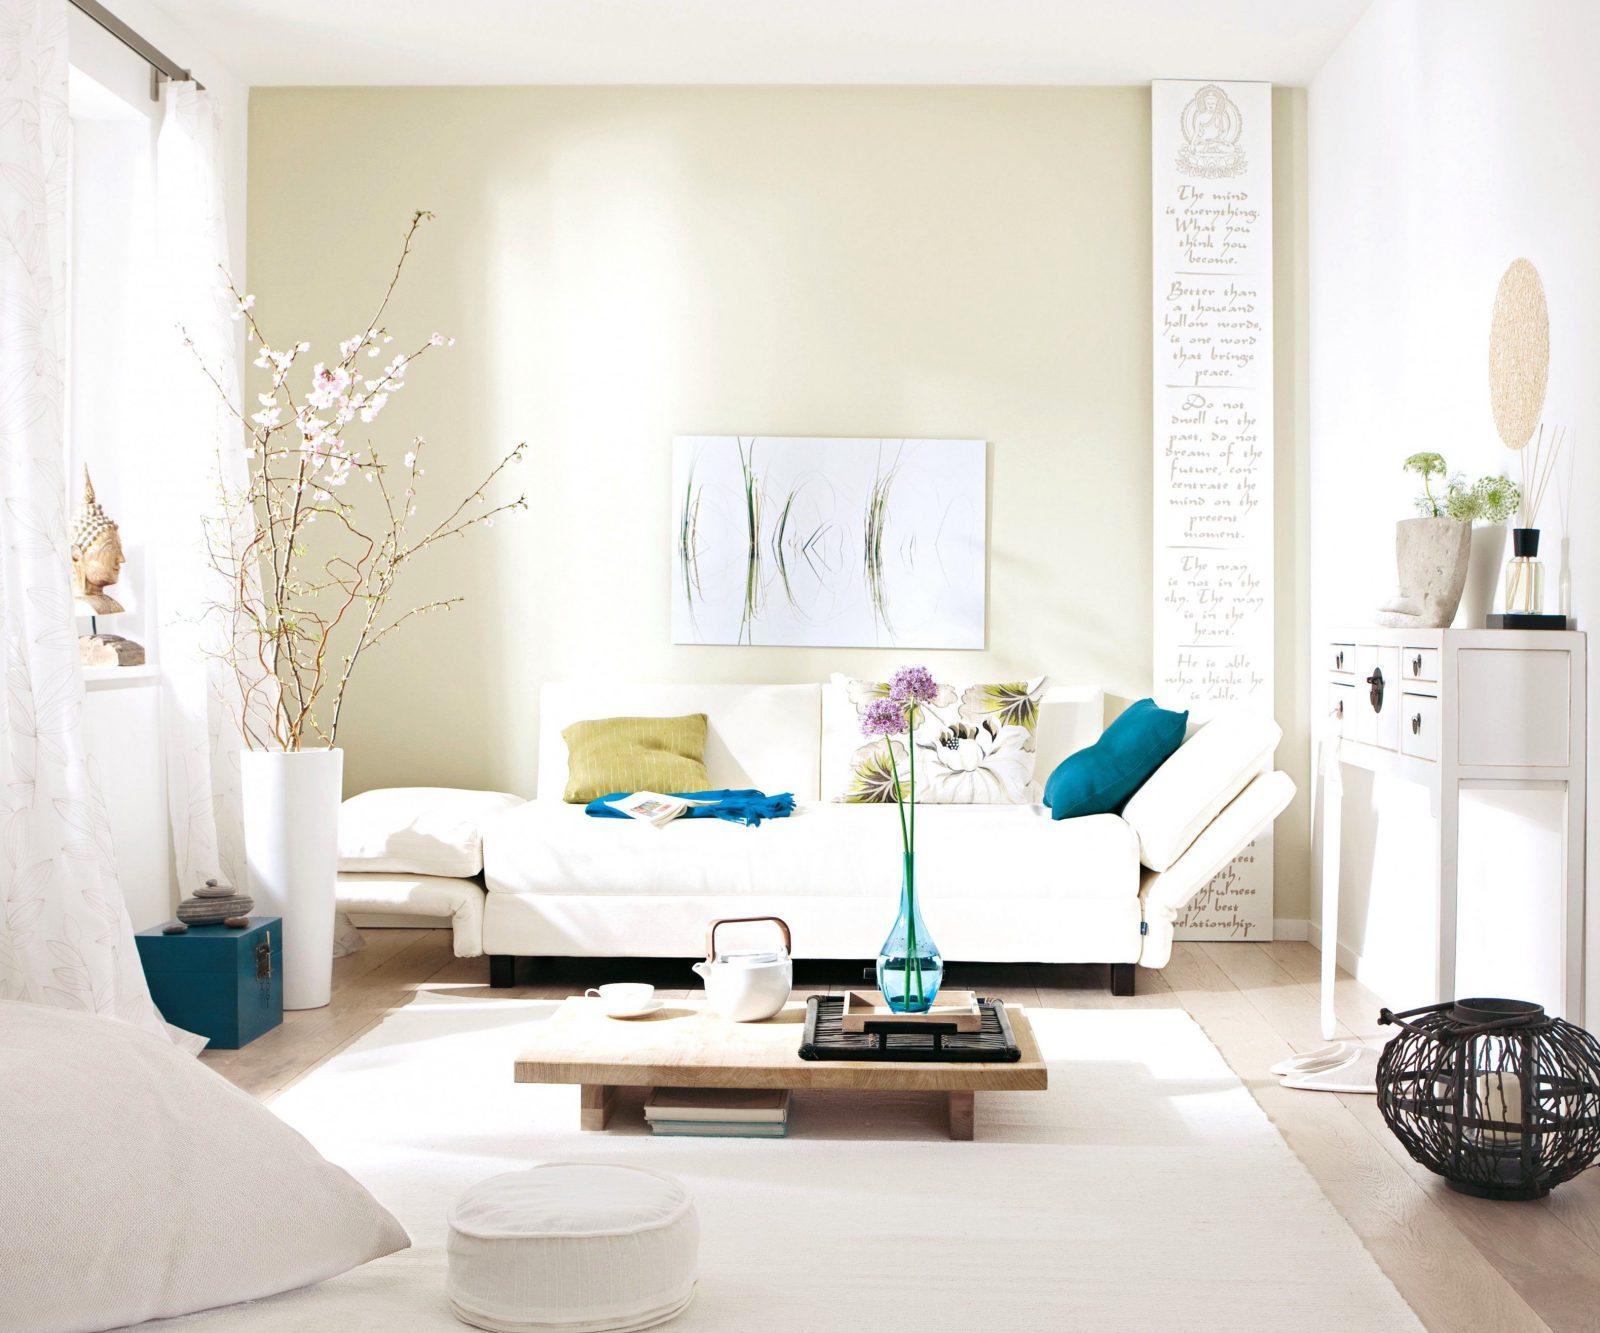 Wohnung Einrichten Incredible Inspiration Betreffend Wohnung Von Wohnung  Einrichten Ideen Selber Machen Photo